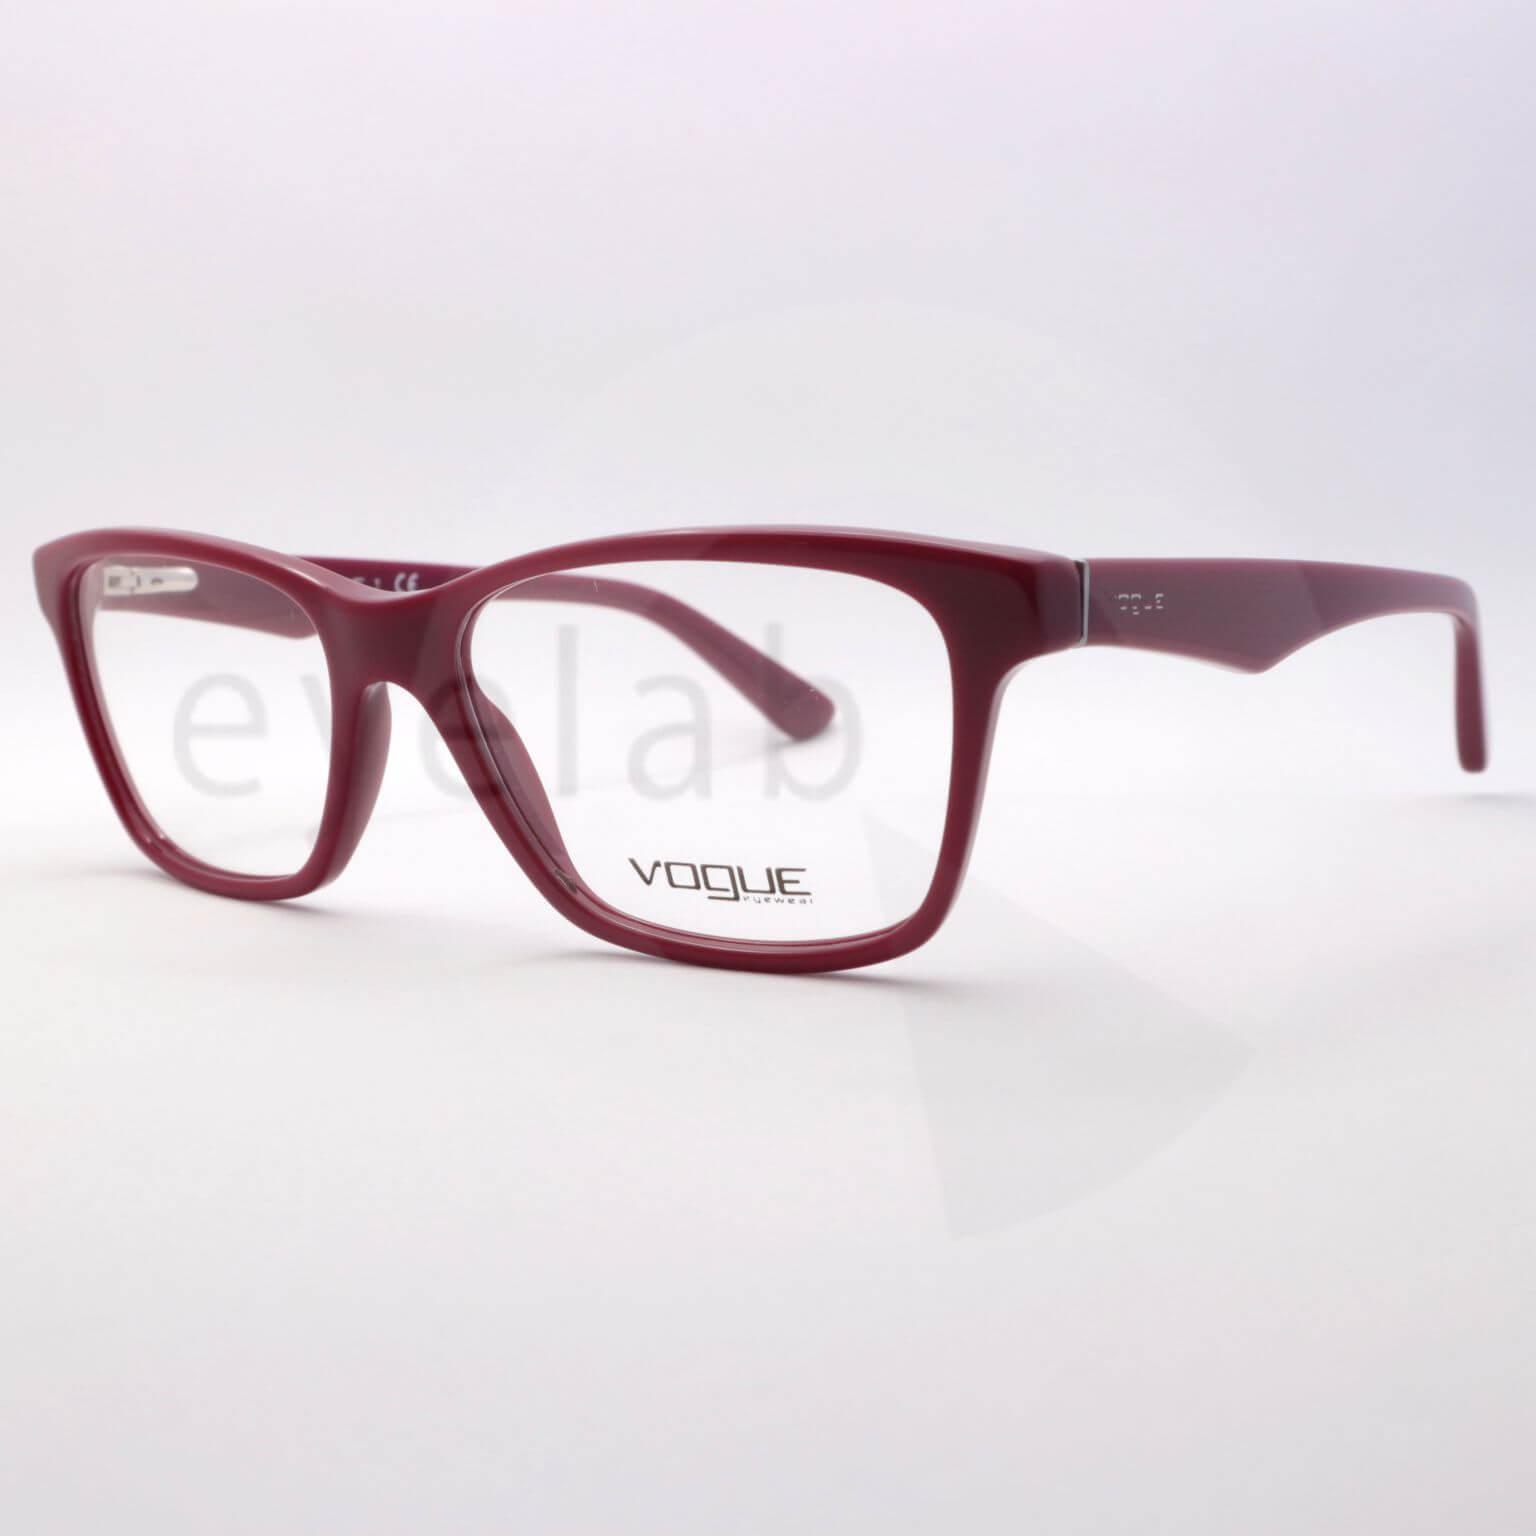 14a6b56f06 Γυαλιά οράσεως Vogue 2787 2625 ~ Eyelab